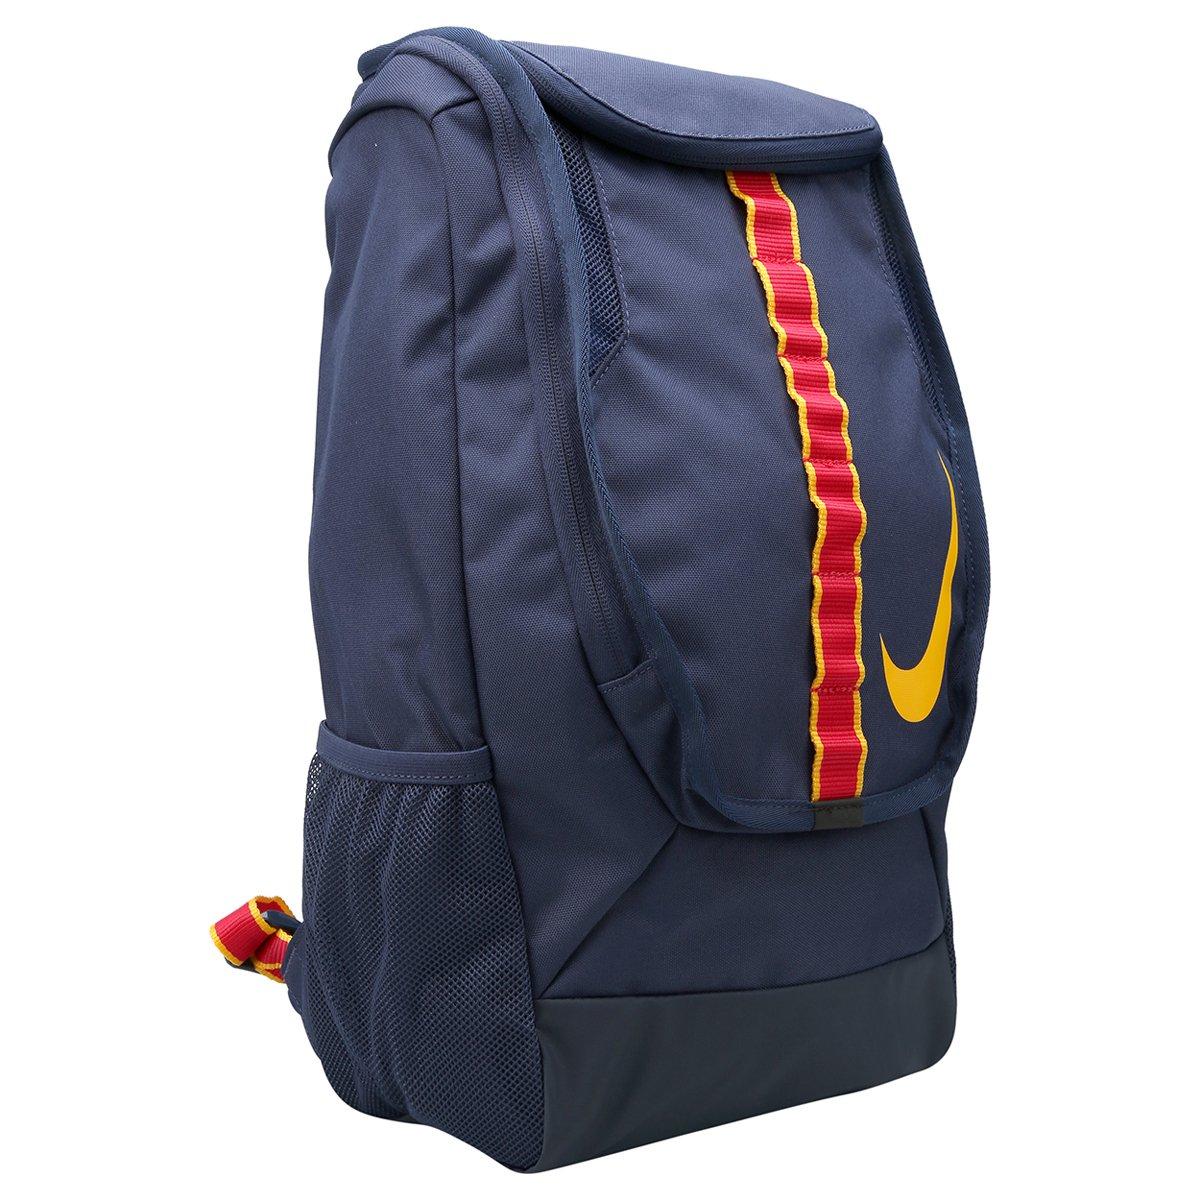 Mochila Barcelona Nike Allegiance Shield Co - Compre Agora  26f4aed4bd659